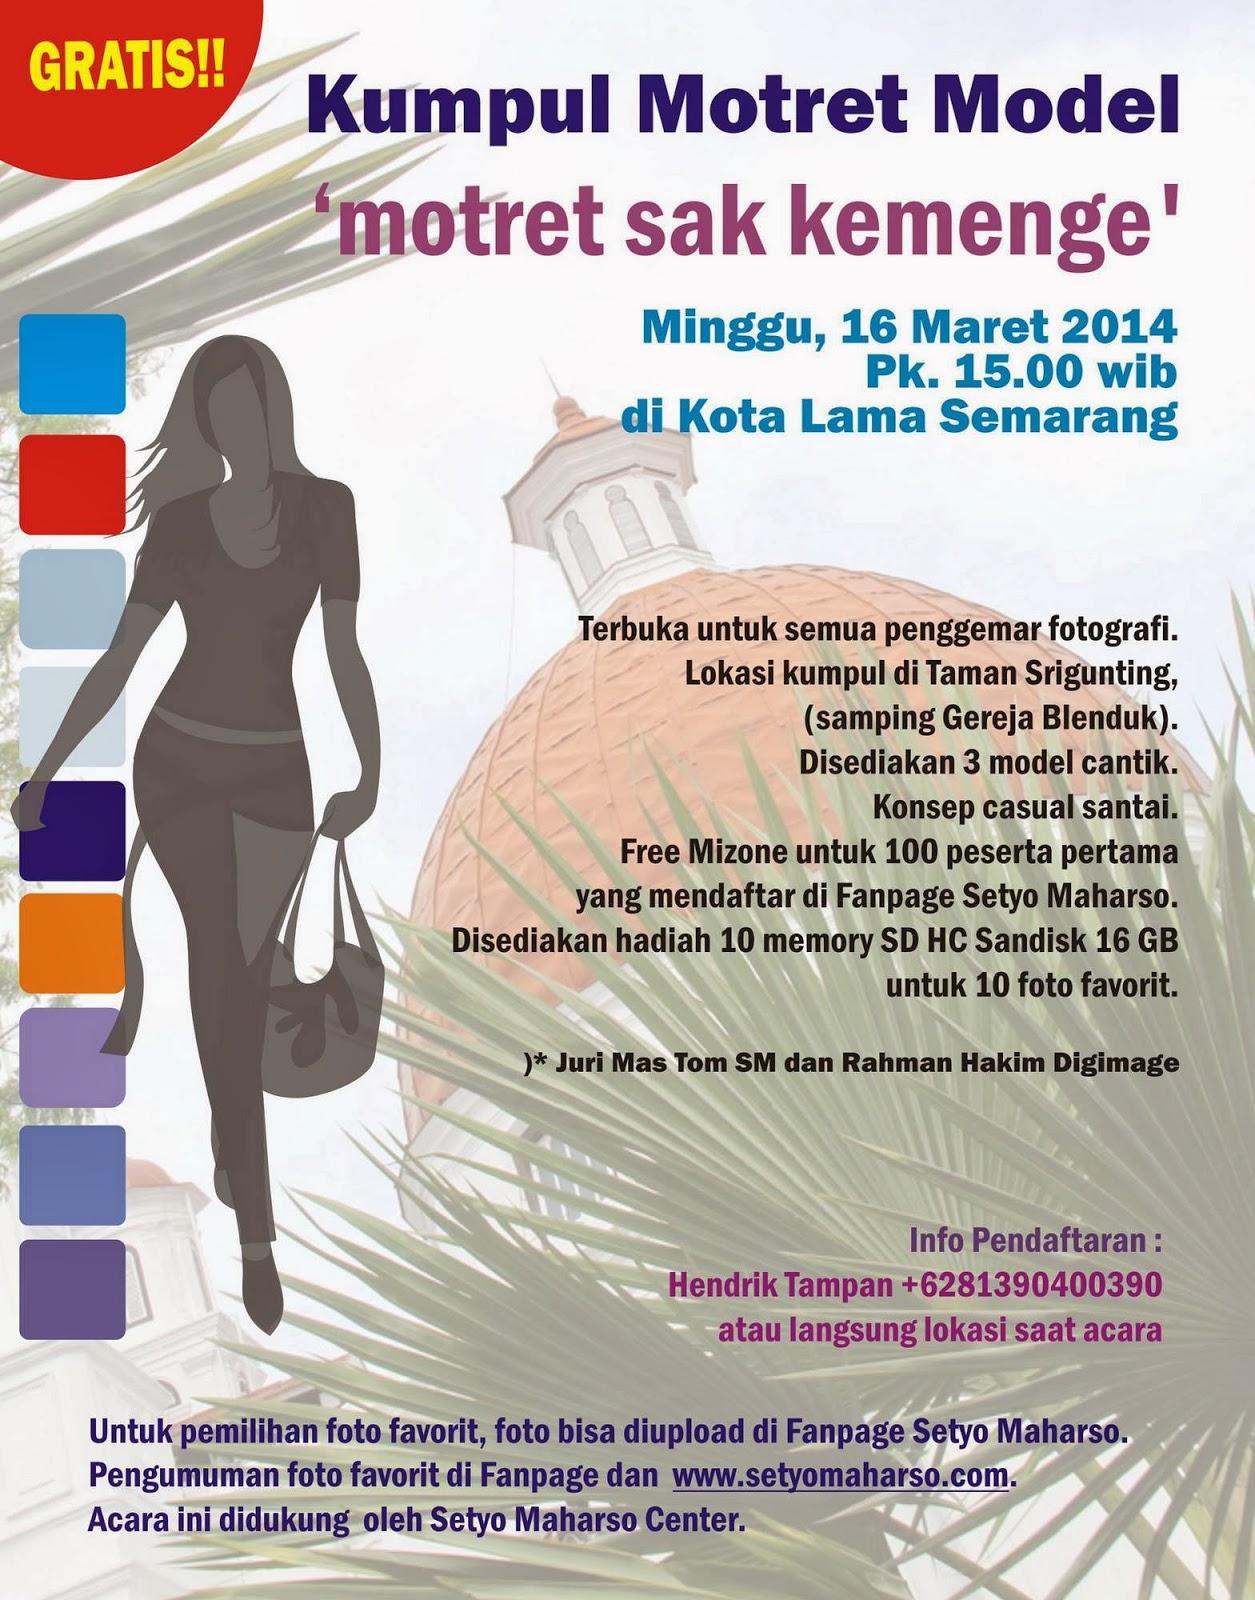 Motret Bareng Model Cantik di Kota Lama Semarang